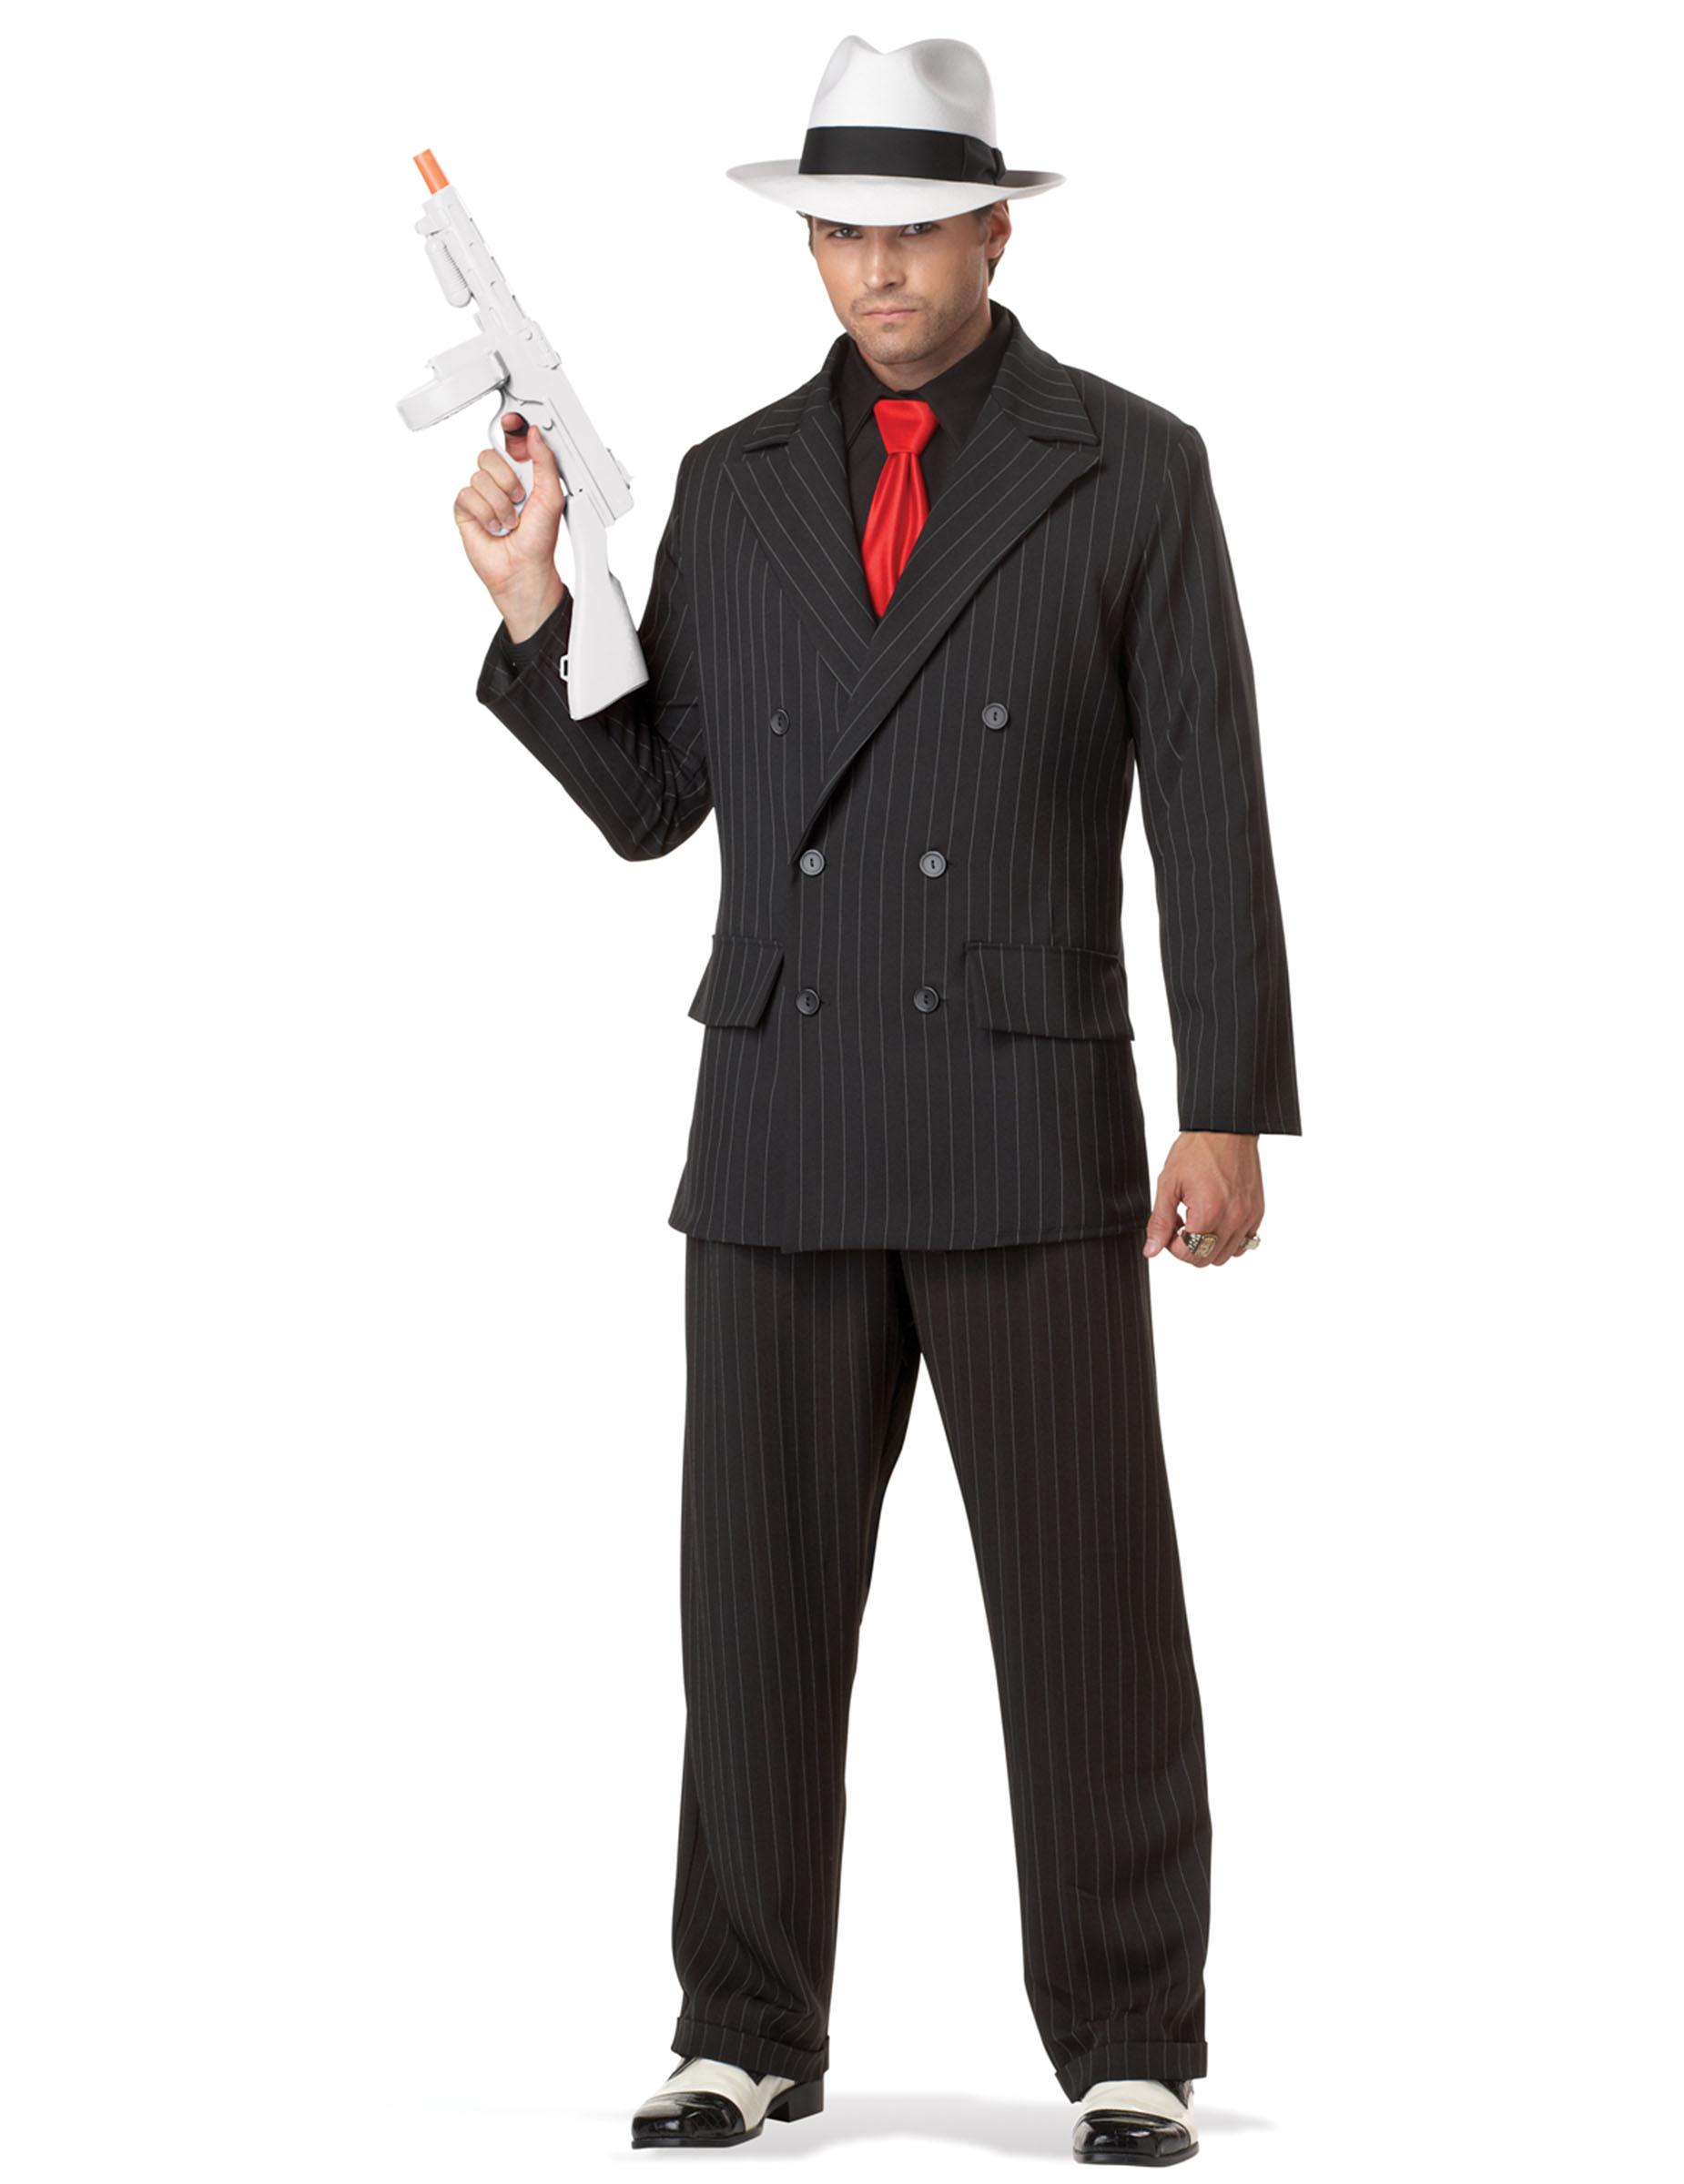 deguisement-de-patron-pour-homme 231327.jpg d3471fd4802